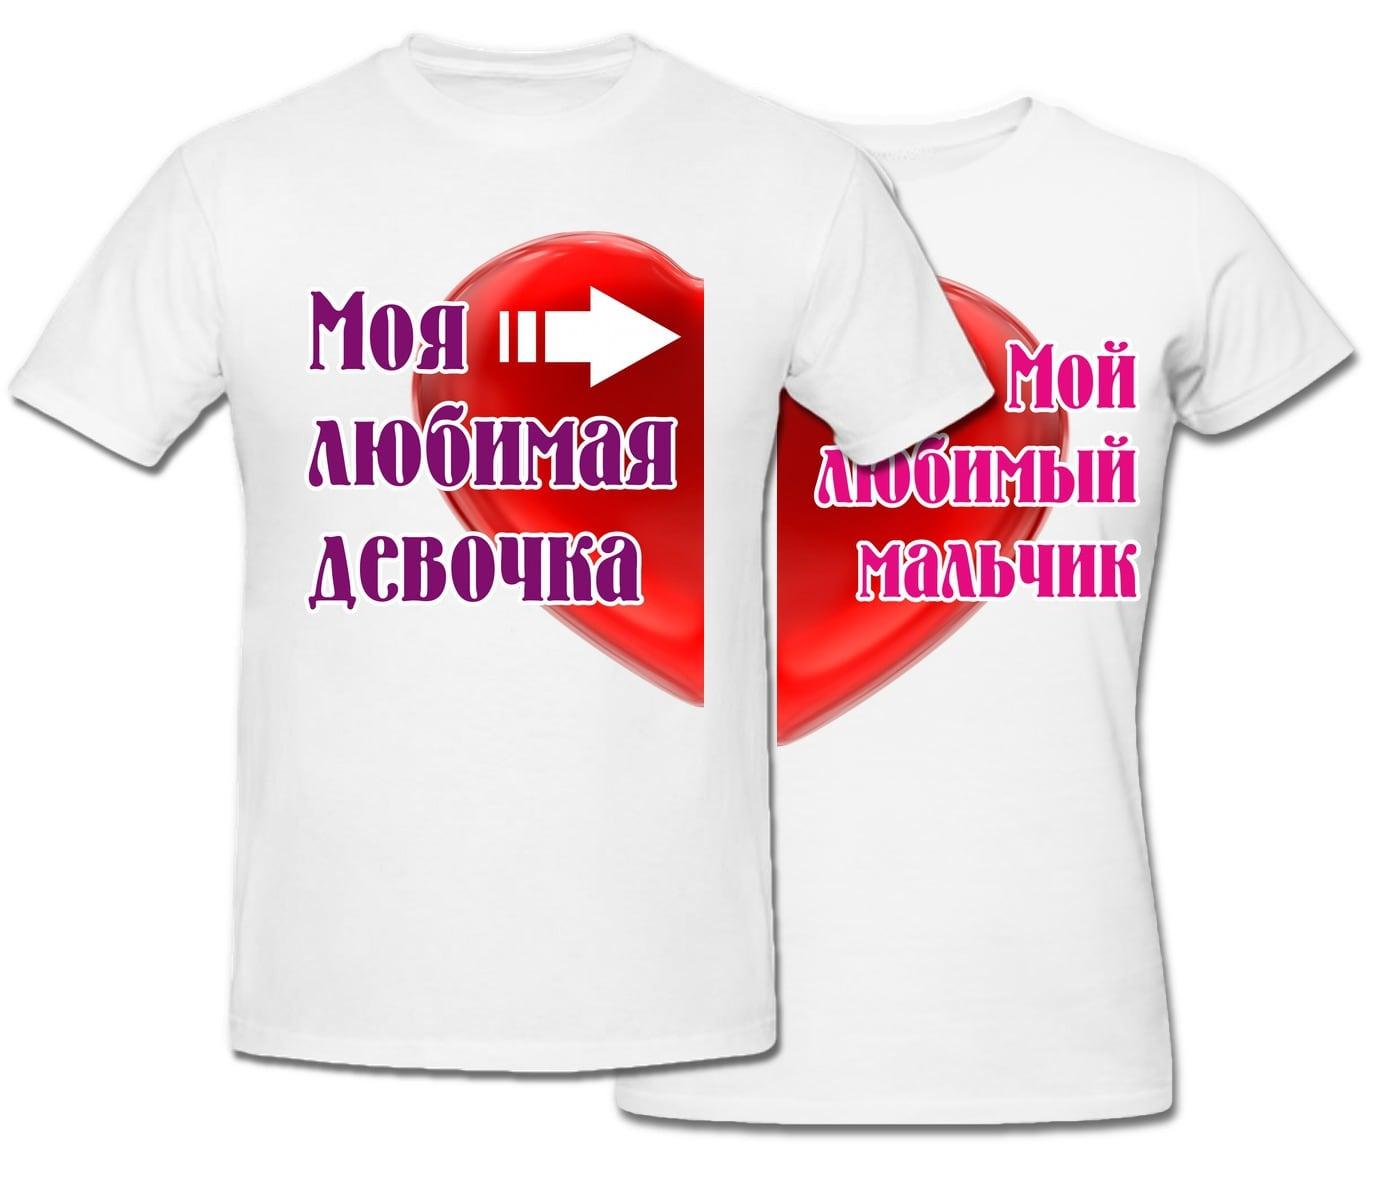 Комплект футболок *Мой любимый мальчик Моя любимая девочка*